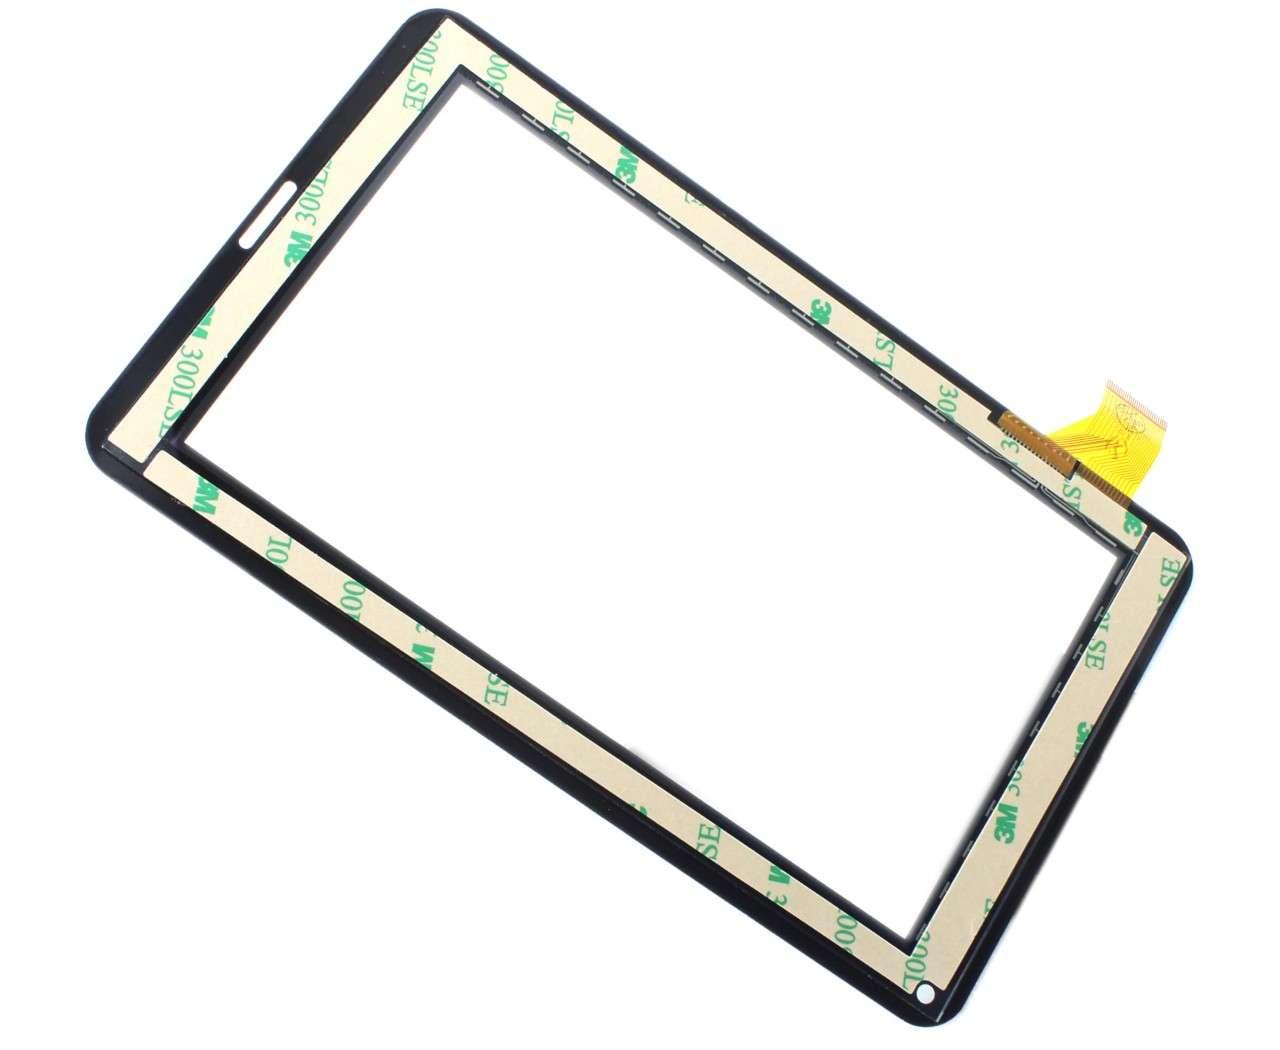 Touchscreen Digitizer Myria Sprint JK710 Geam Sticla Tableta imagine powerlaptop.ro 2021